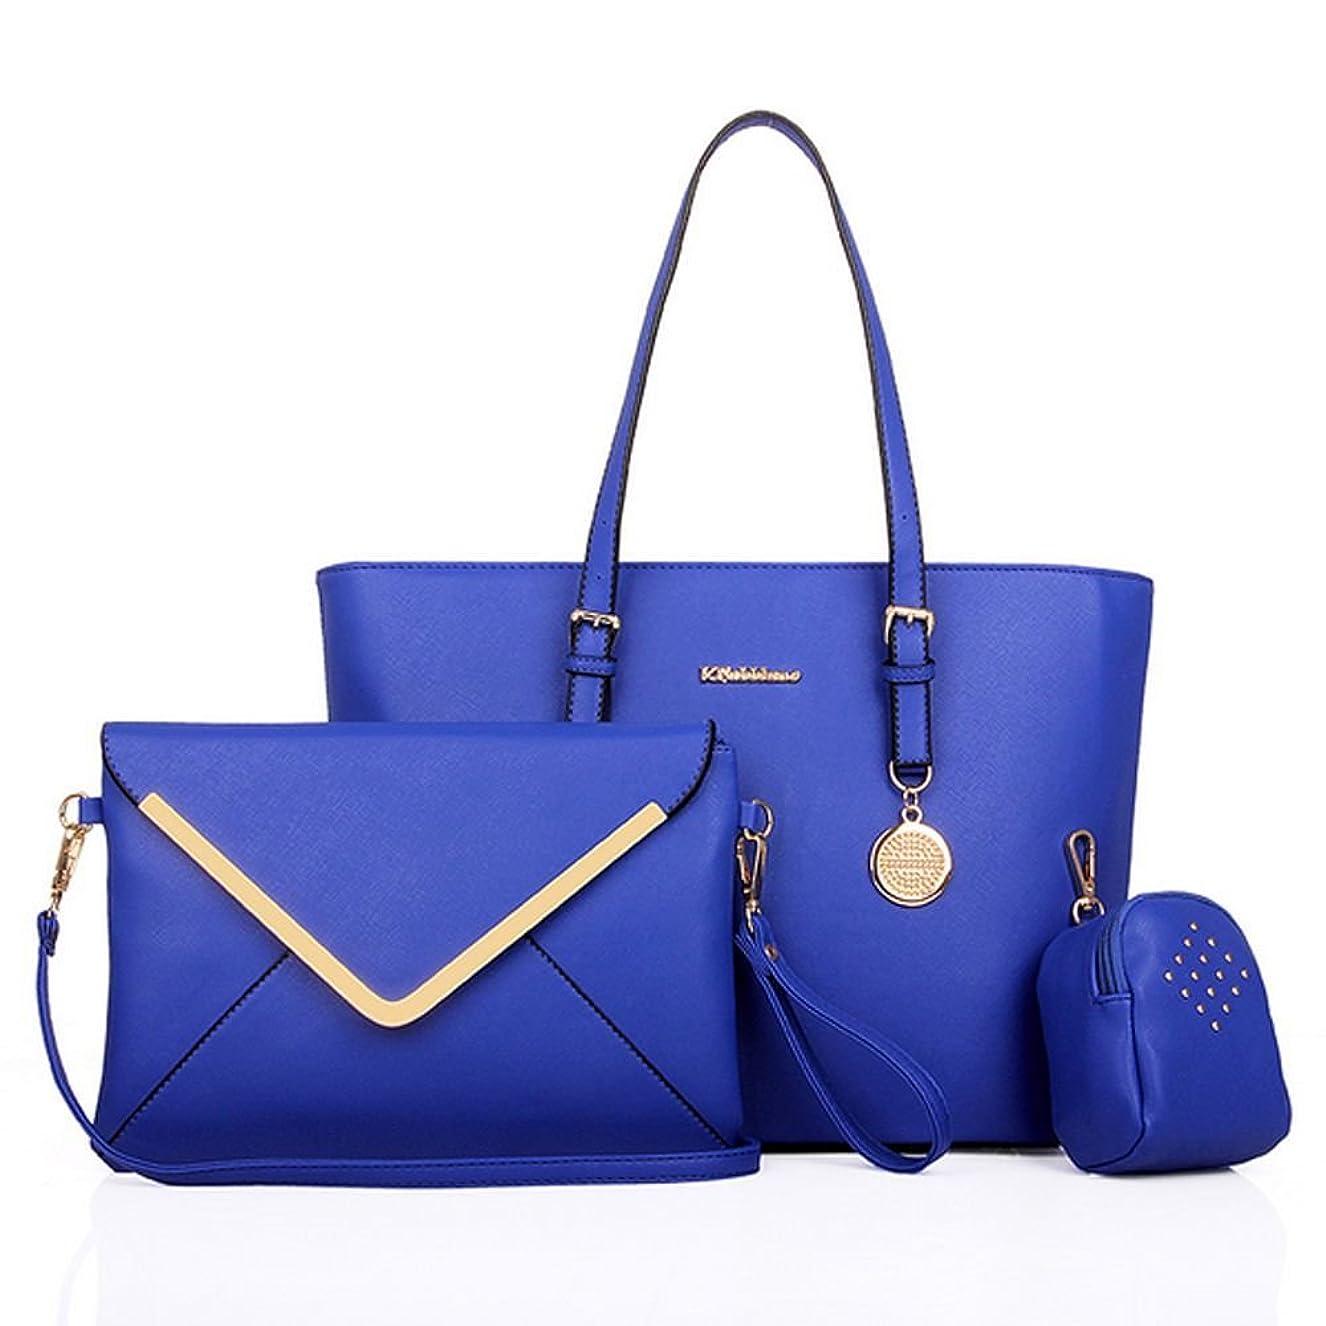 宣教師努力こしょうシューズ&バッグ/ バッグ?スーツケース / レディースバッグ?財布 / バッグ /ショルダーバッグ/ Women Messenger 3 Bags Per Set Shoulder Handbag Coin Wallet Purse Hobo Tote